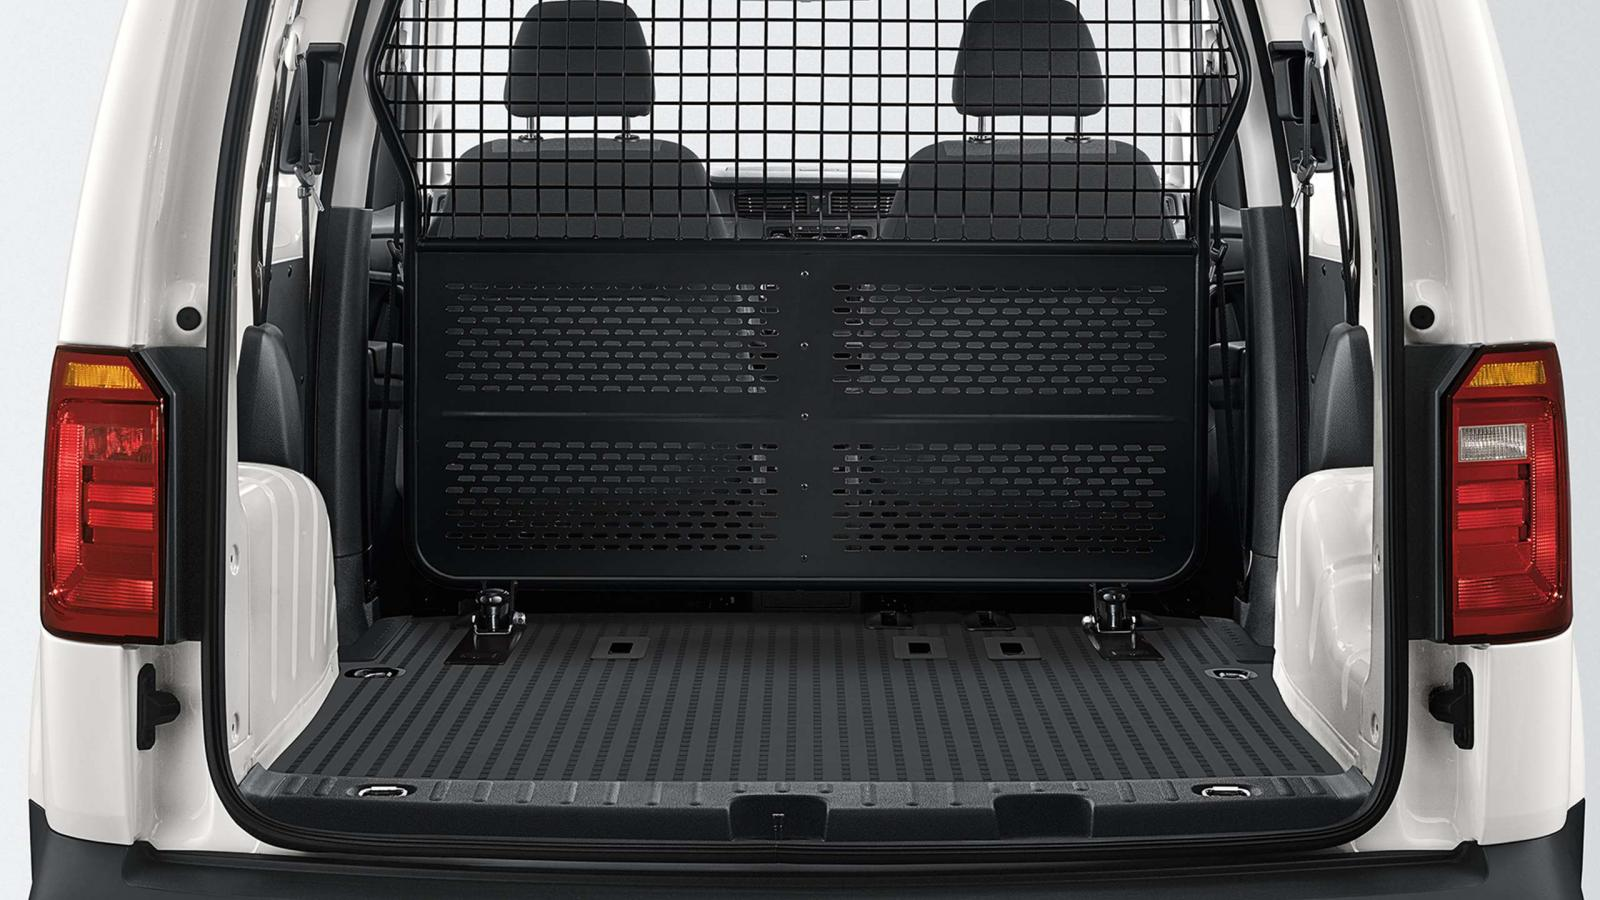 Volkswagen Caddy 2020 Reseña: Viajes de trabajo eficientes y ordenados